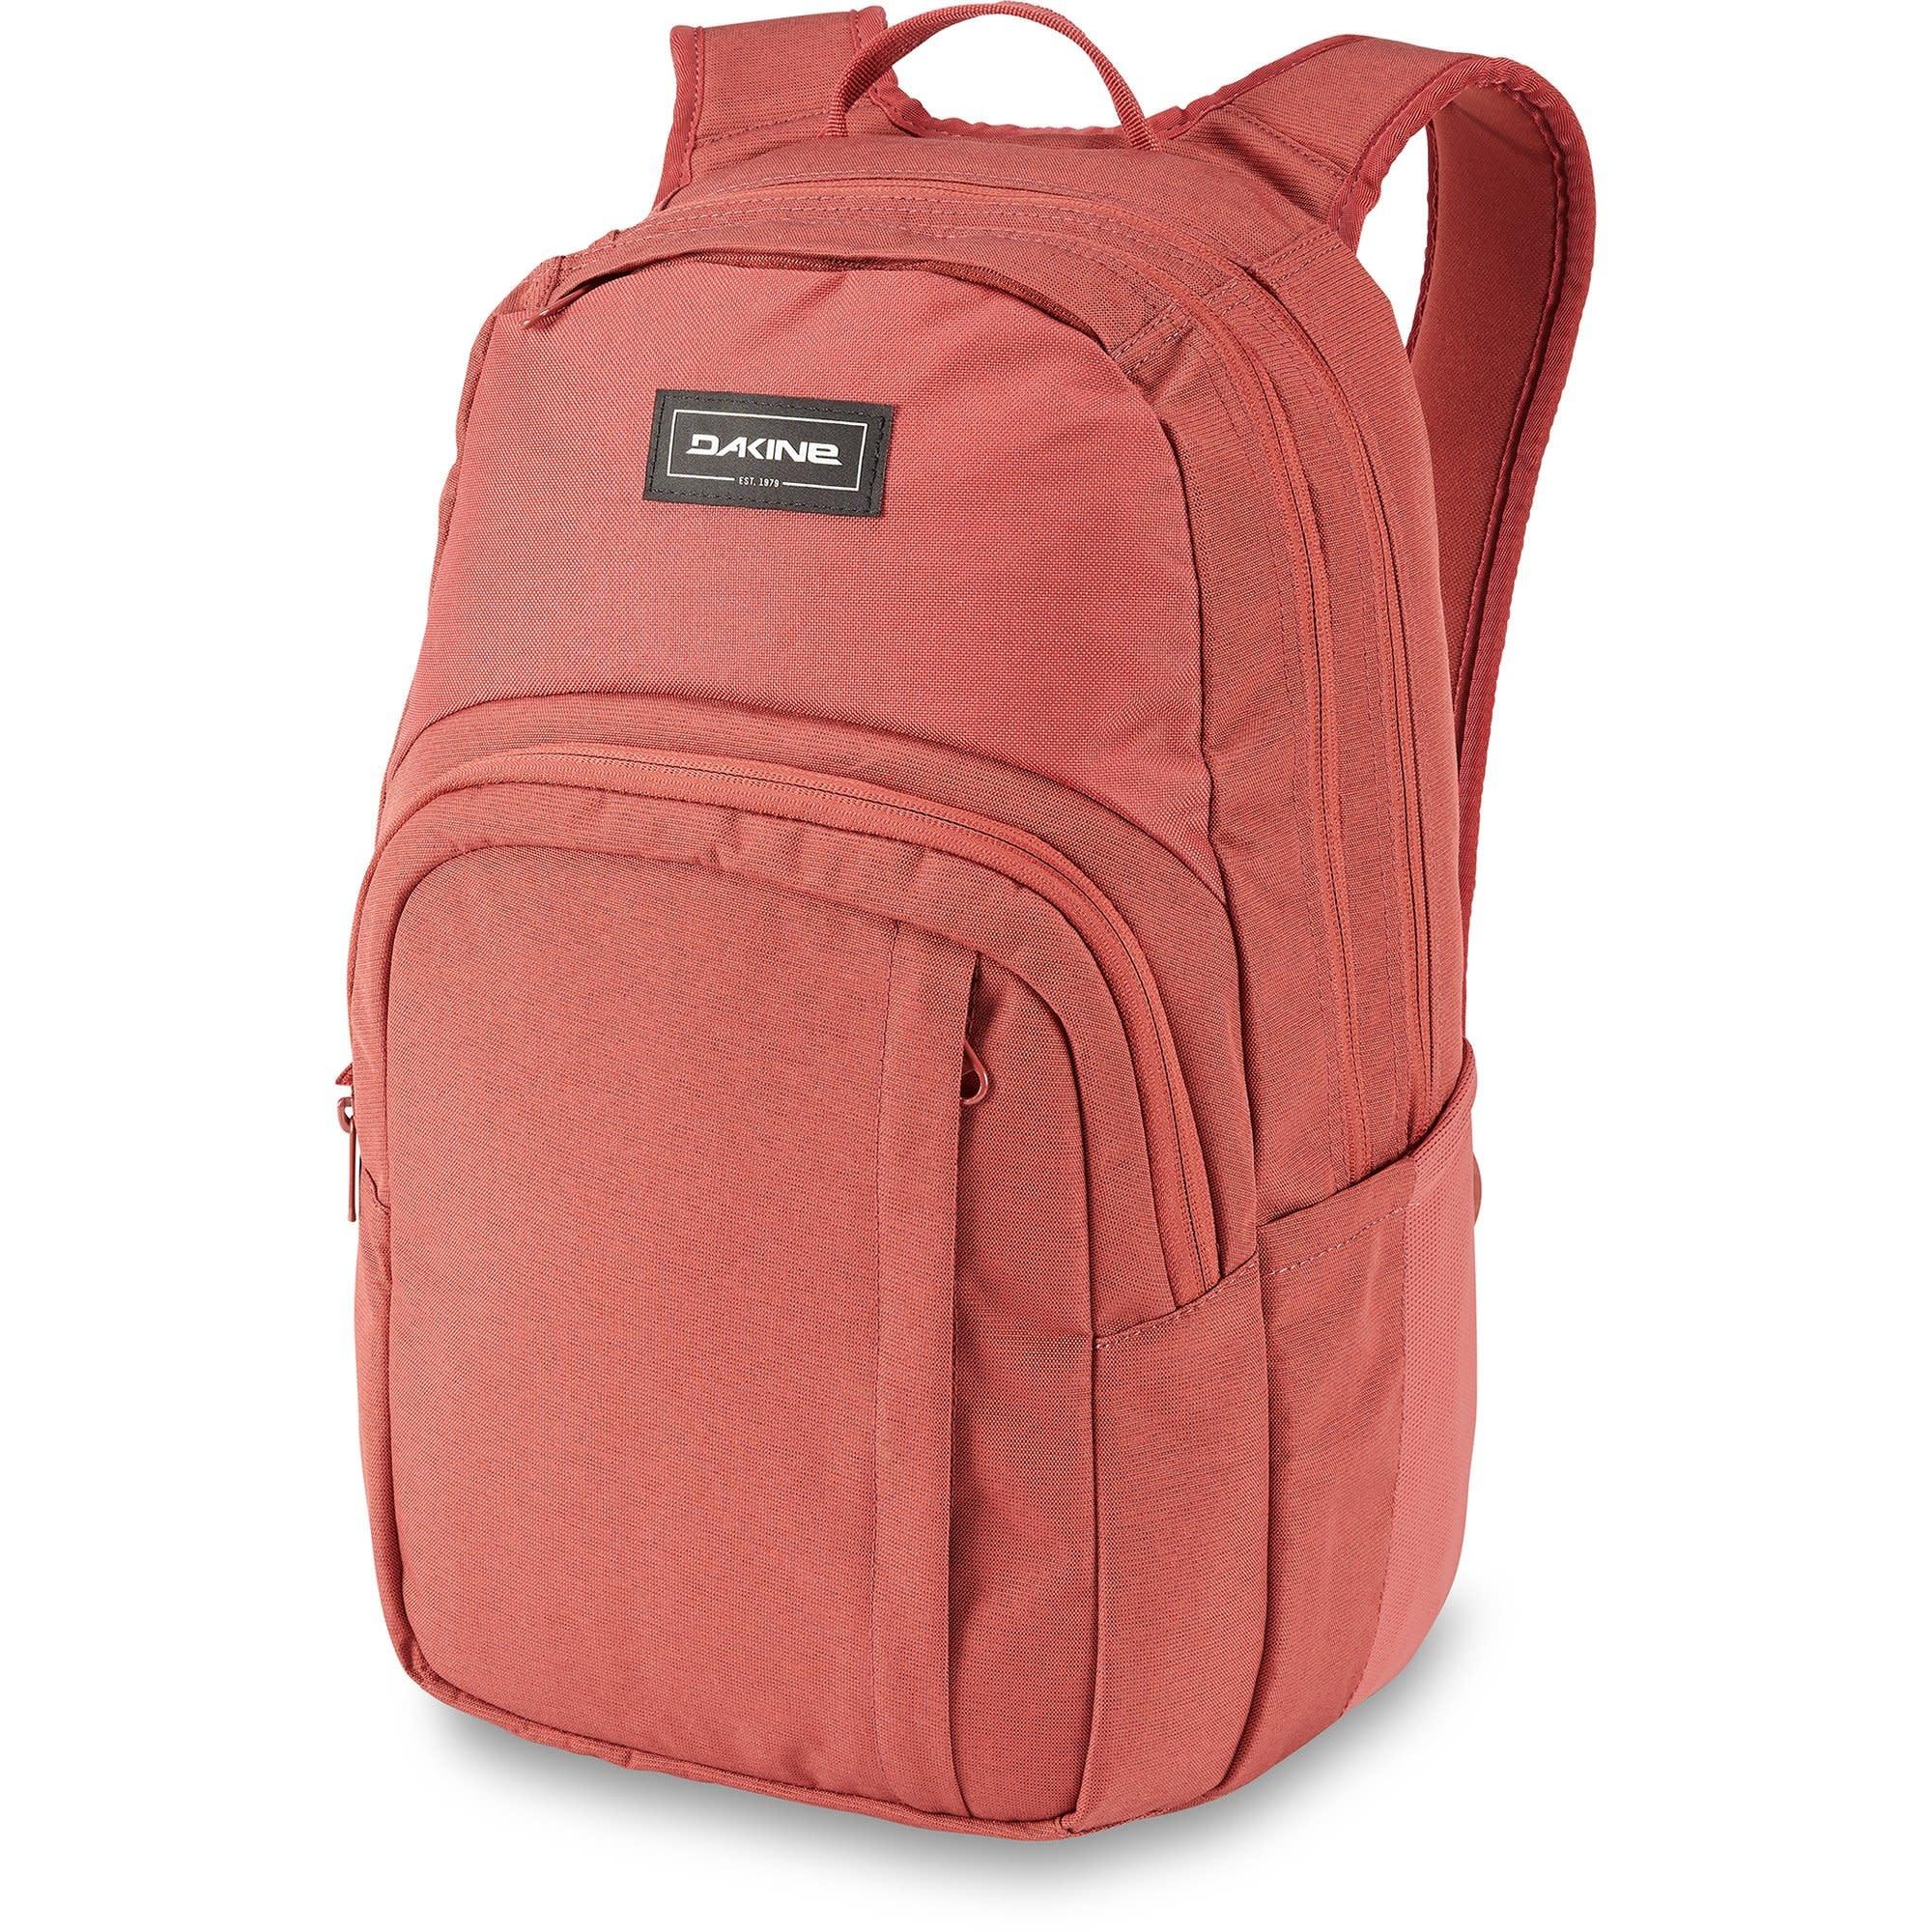 Dakine Dakine Campus M 25L Backpack